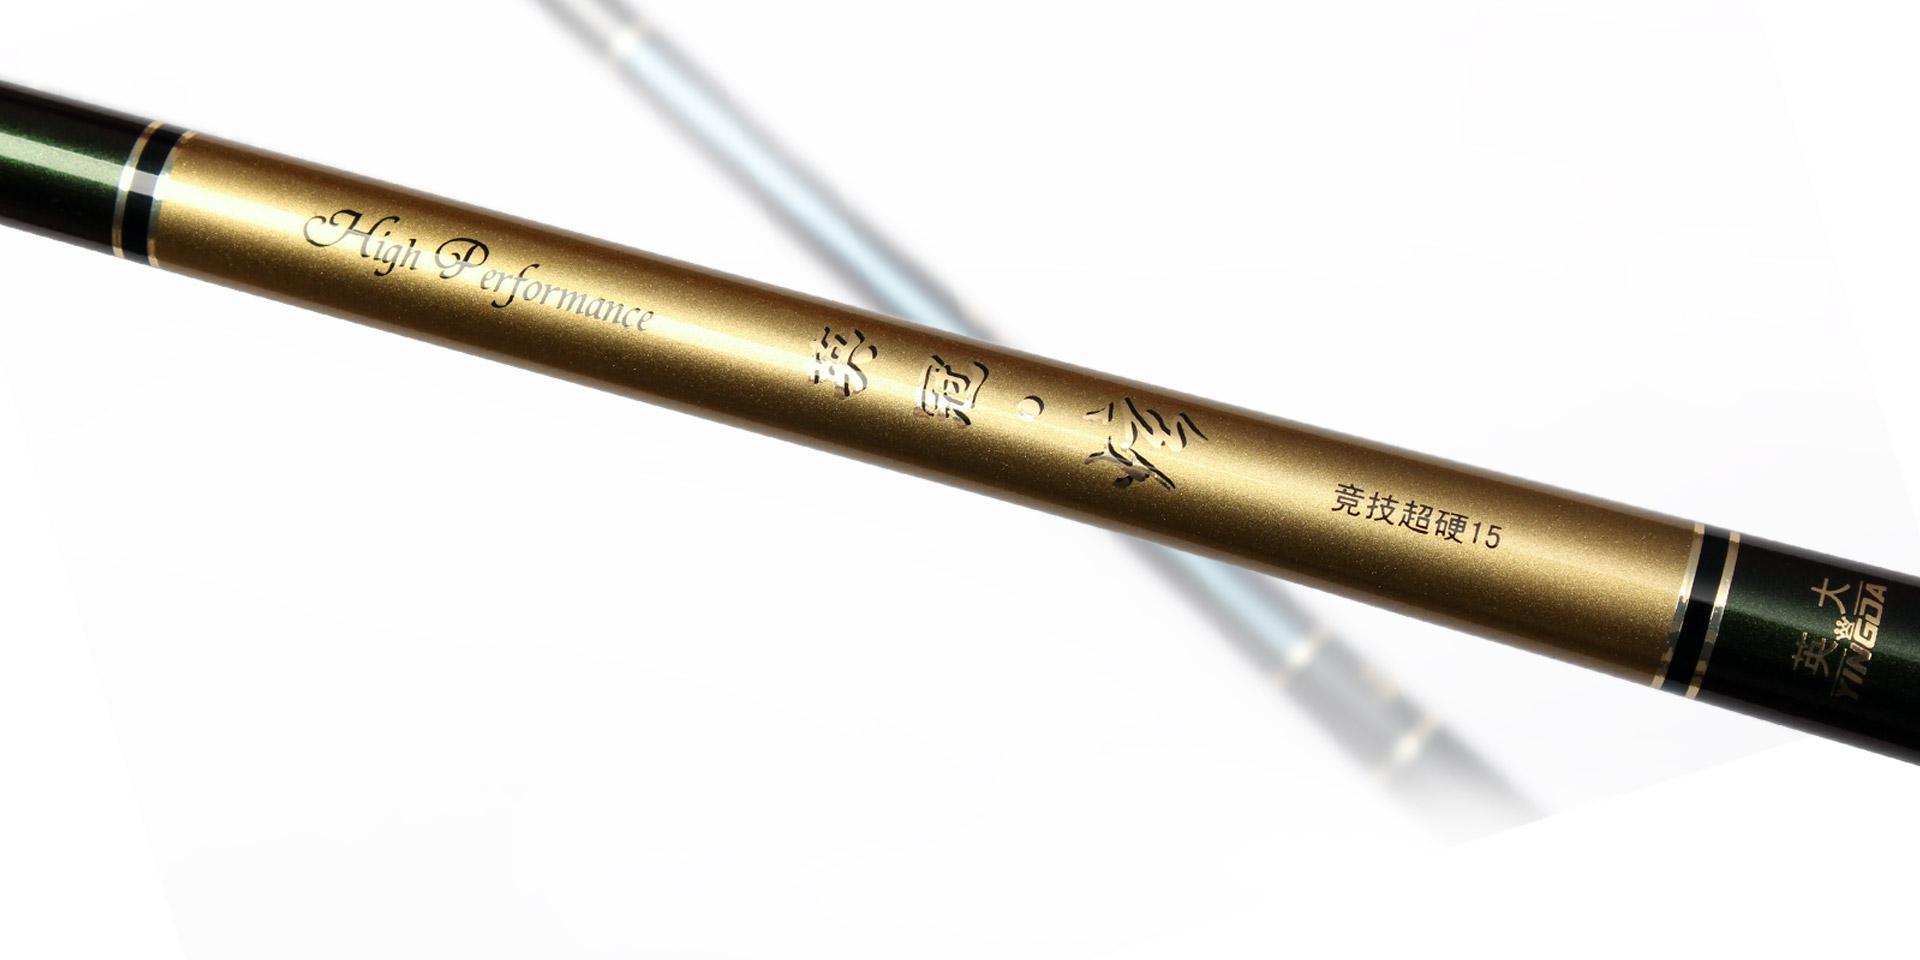 竿身以18K金色涂装搭配魅力黑色<br />奢迷的新古典主义风,优雅中不失豪华